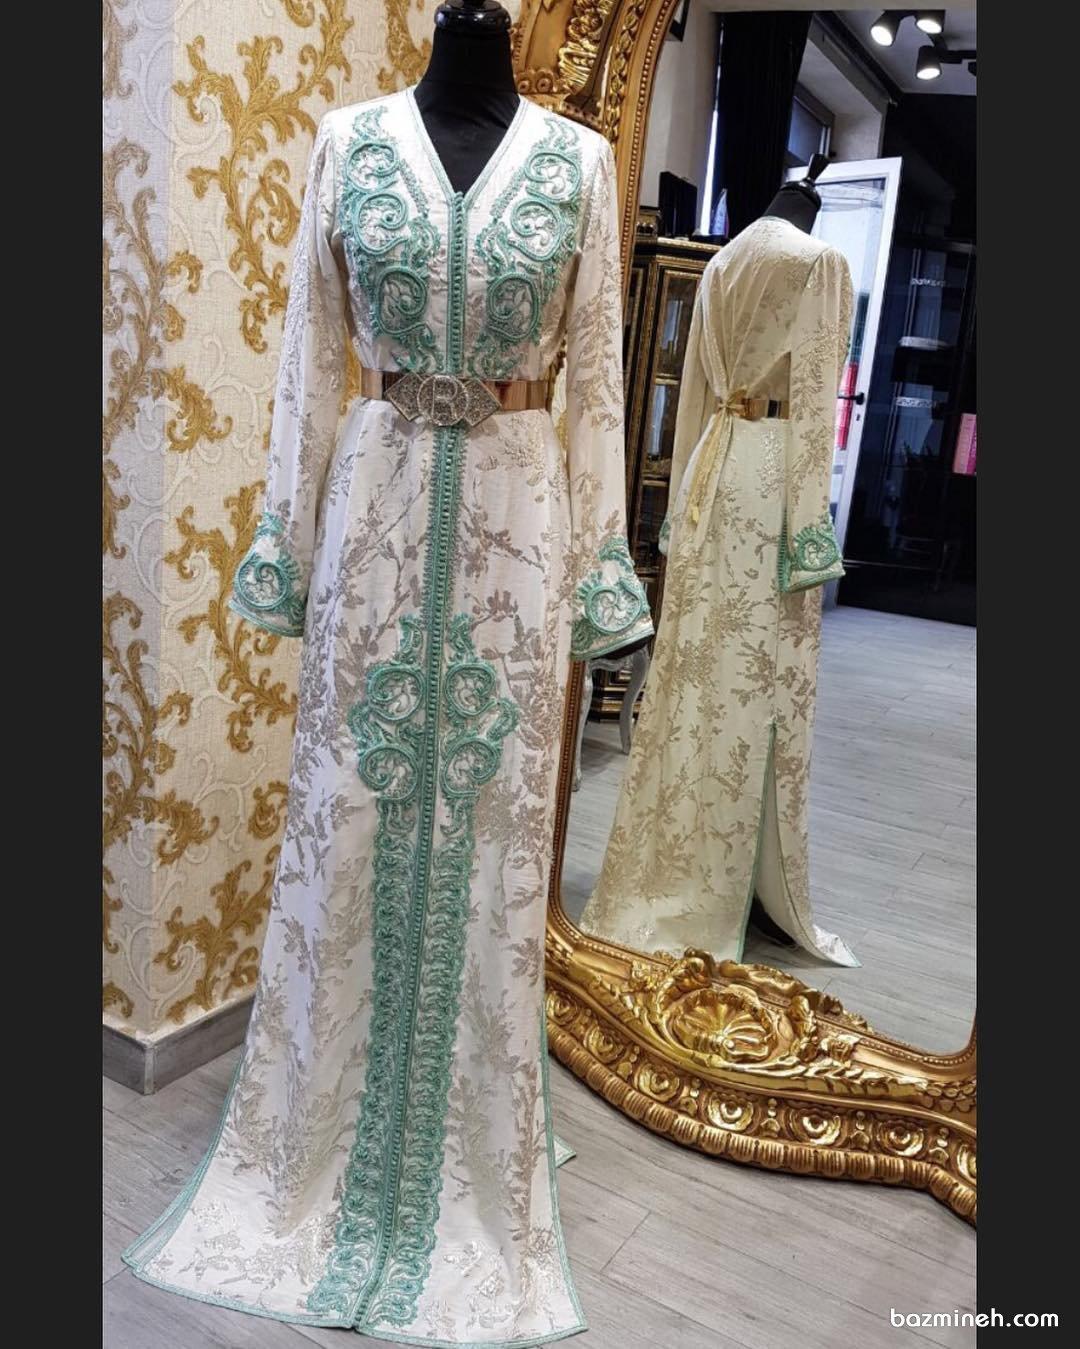 مانتو عقد بلند سفید رنگ با نوار دوزی سبز آبی و طرح های طلایی زیبای روی پارچه